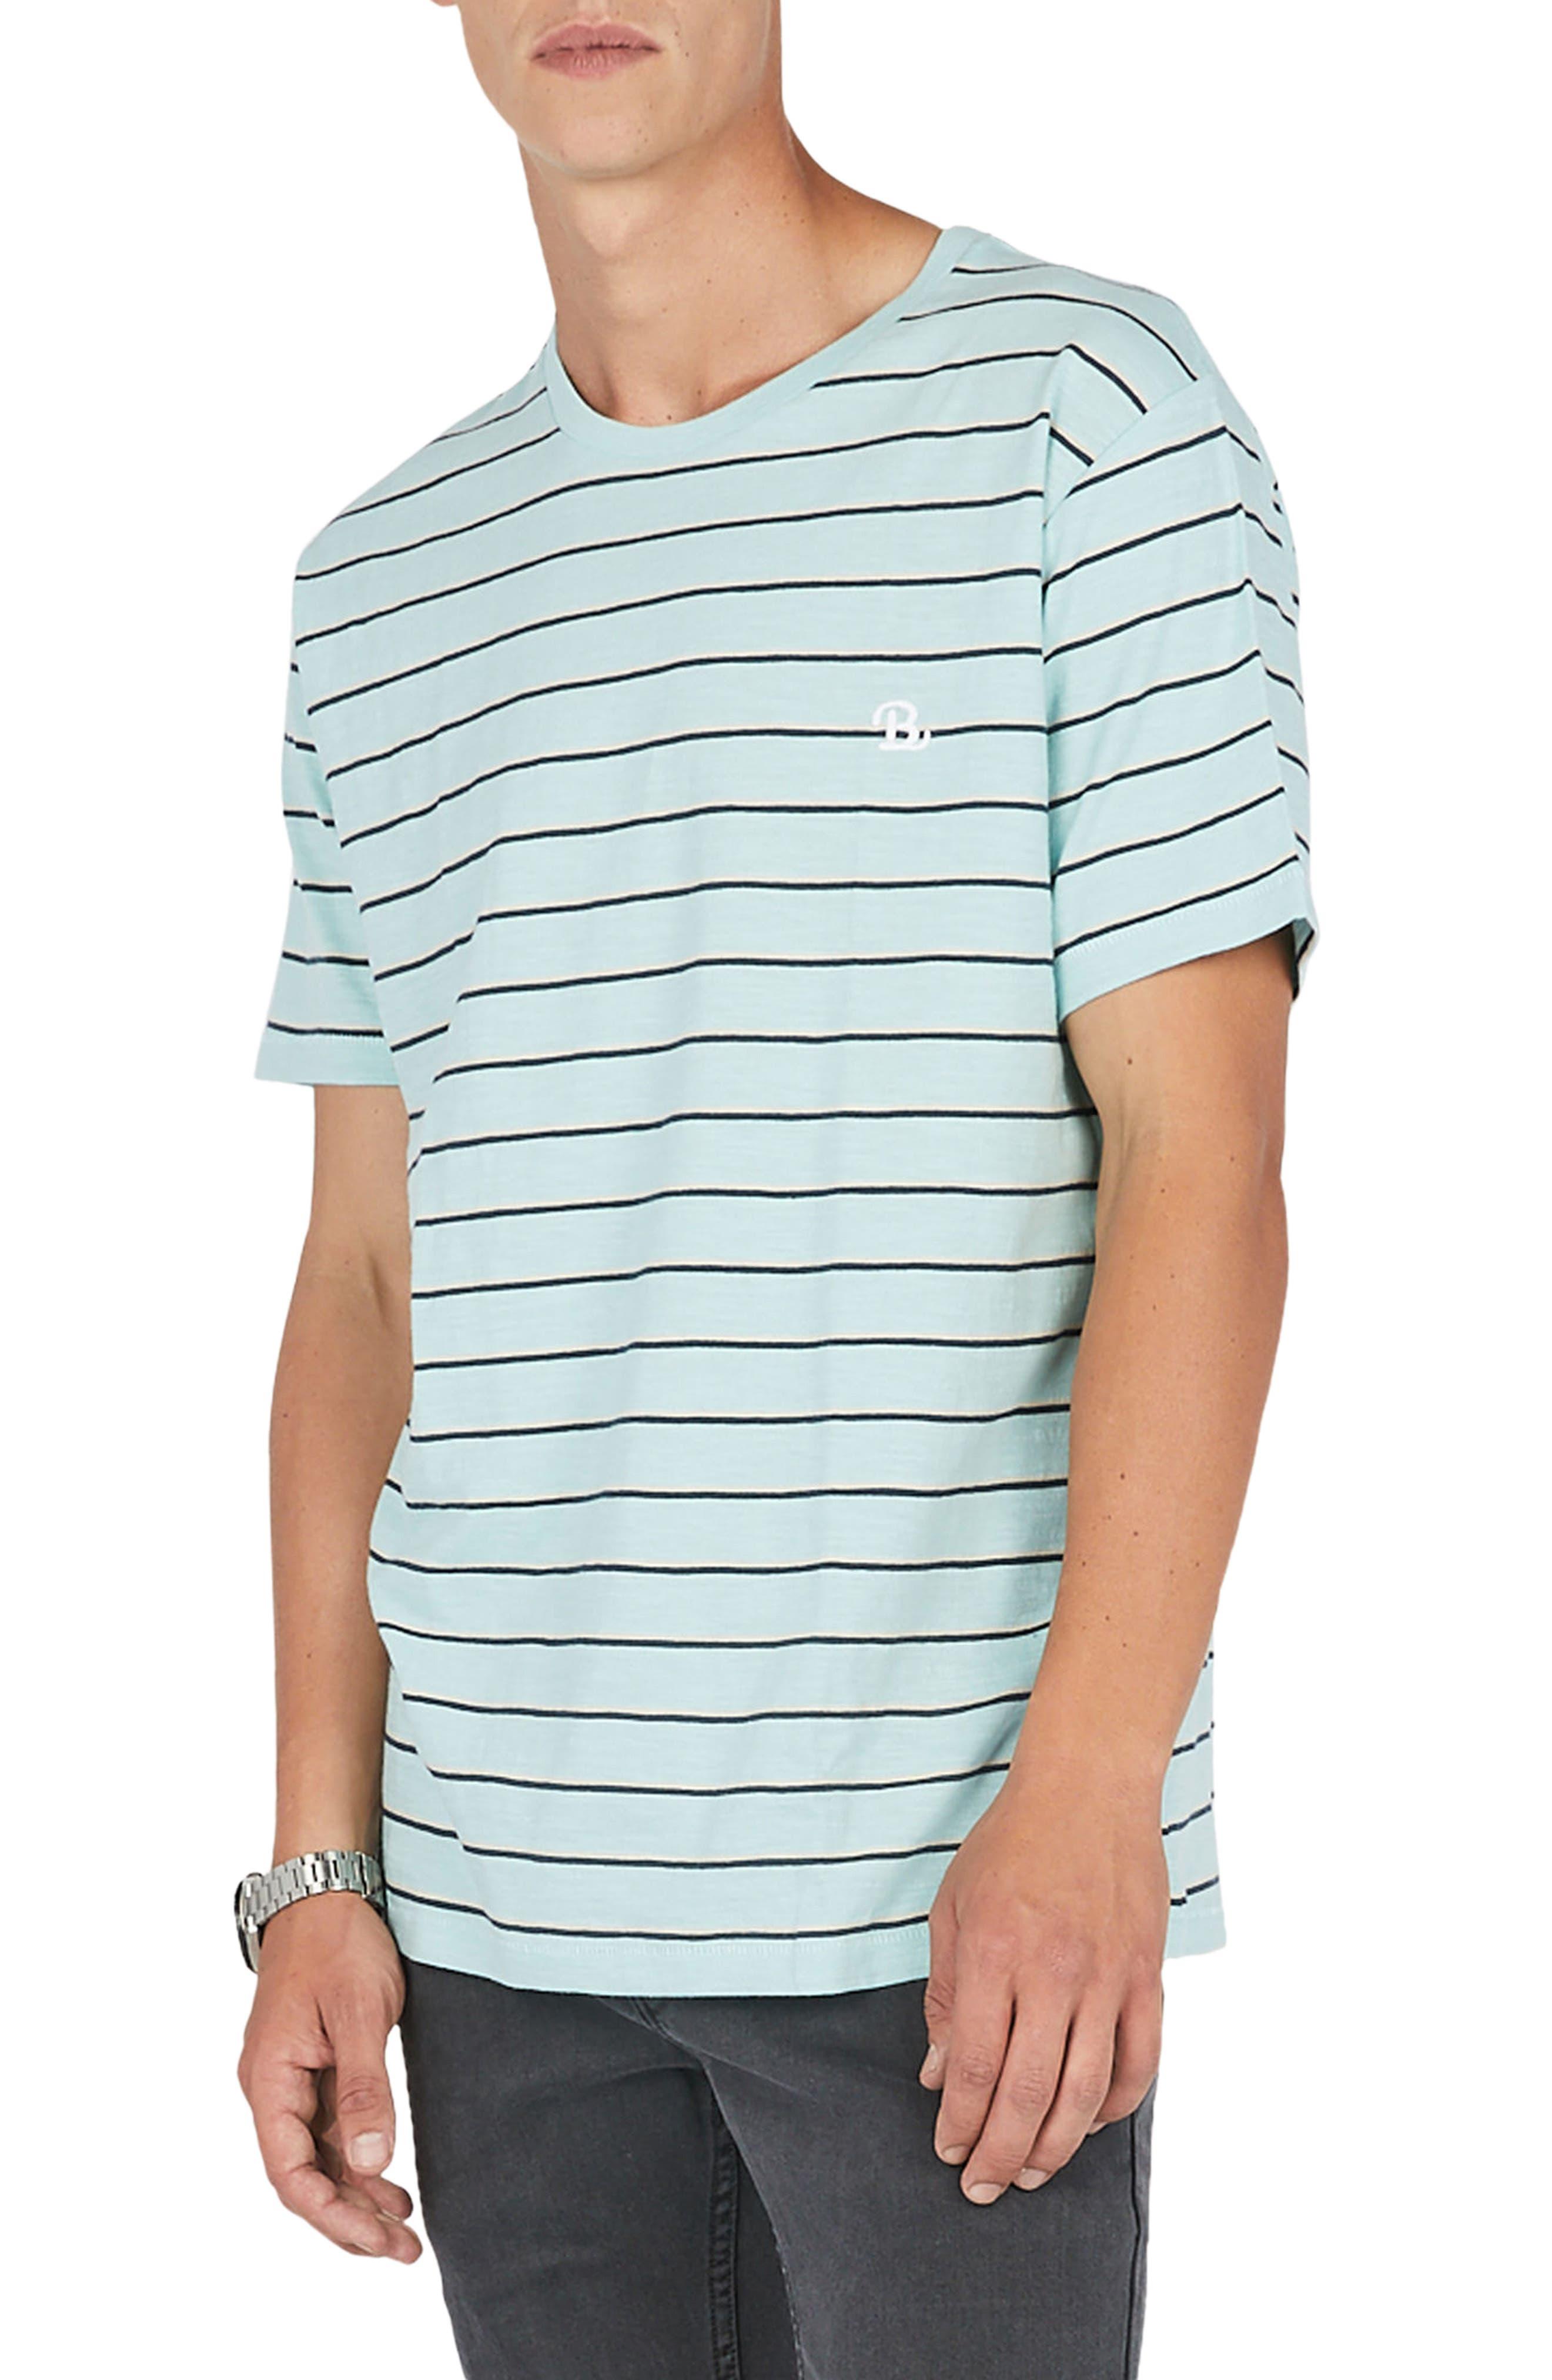 Barney Cools B.Schooled T-Shirt